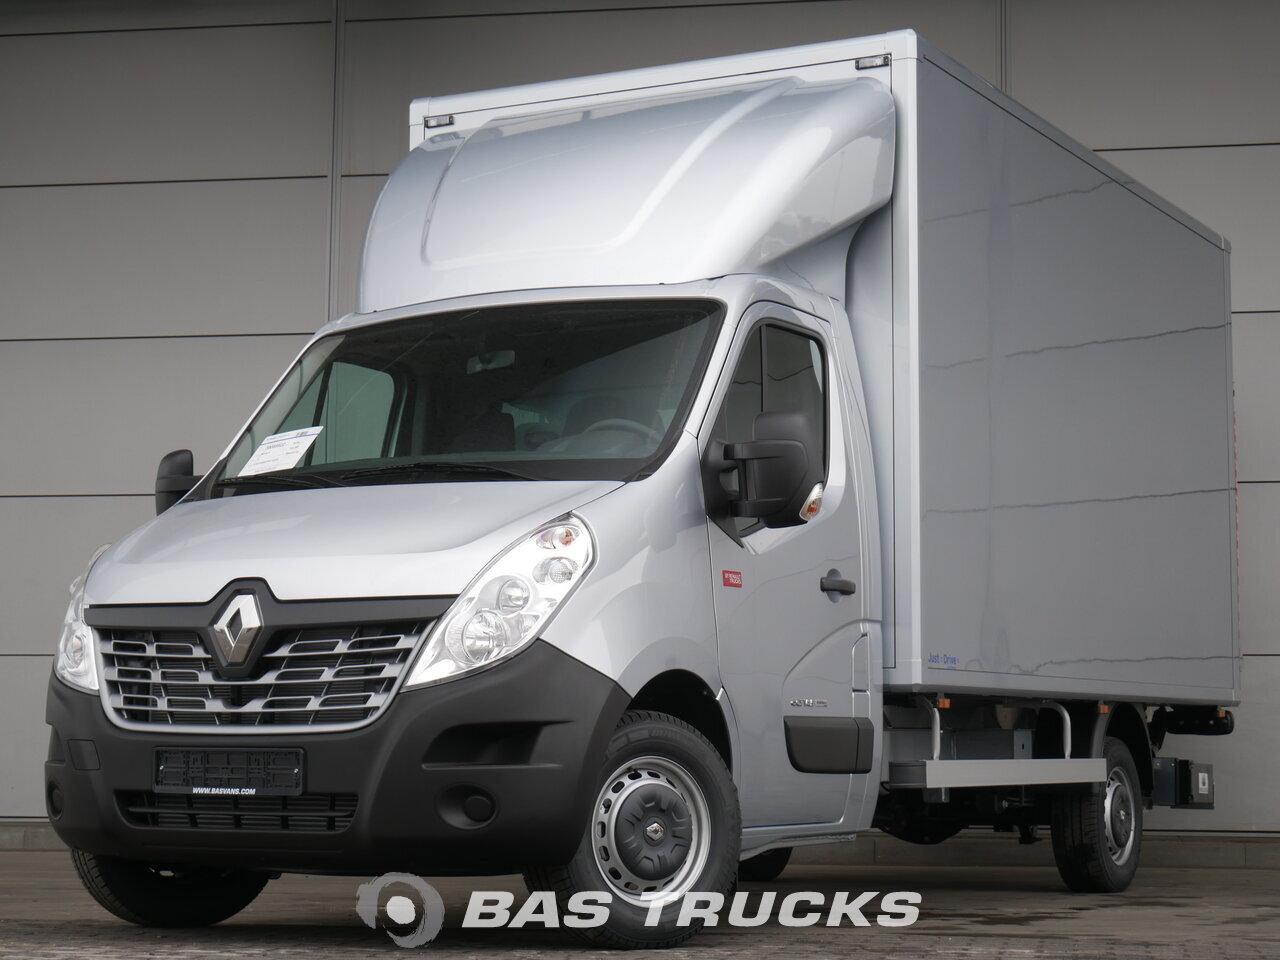 renault master lcv euro 6 35900 bas trucks. Black Bedroom Furniture Sets. Home Design Ideas